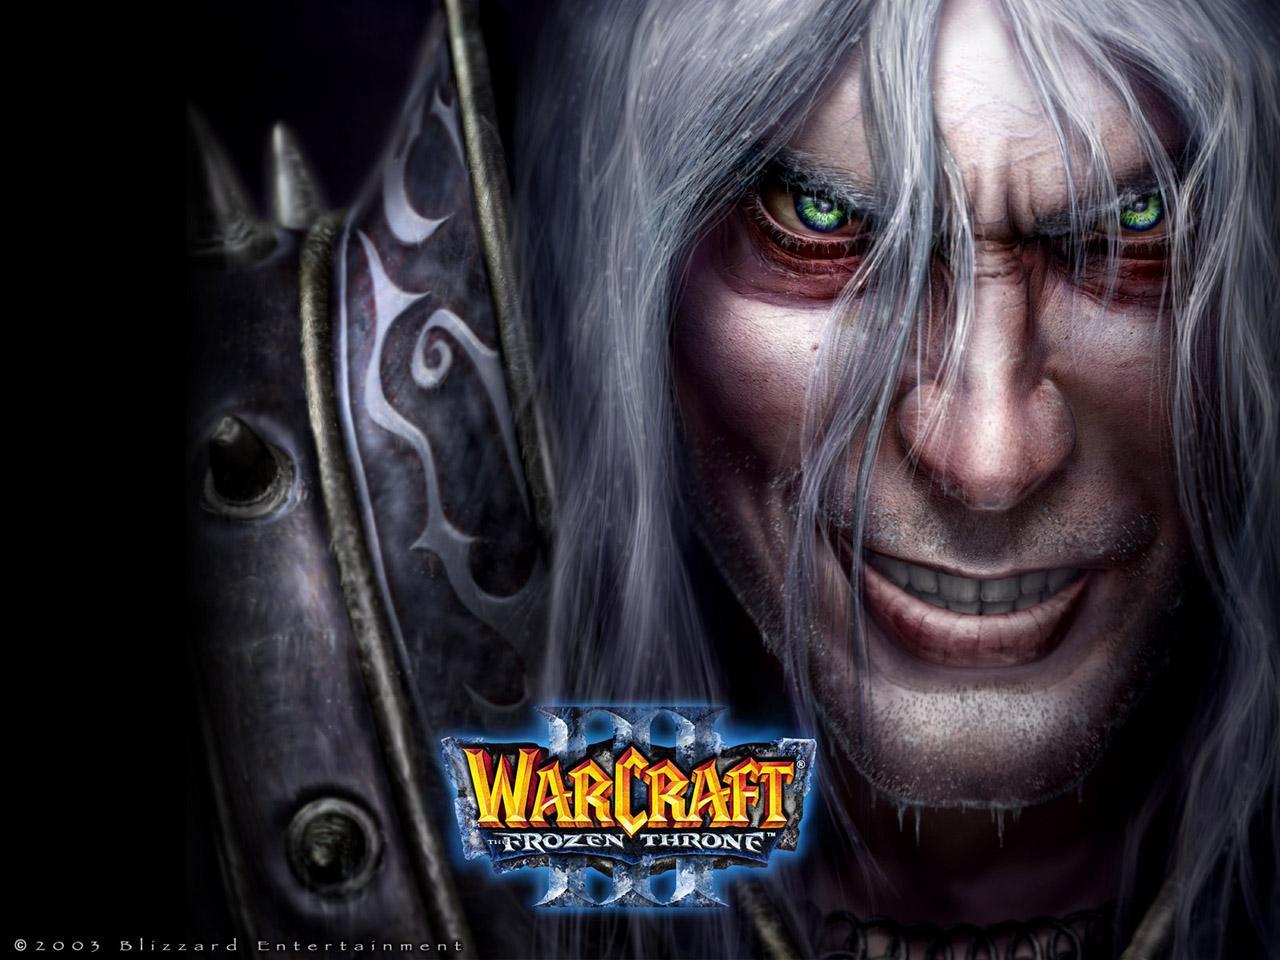 Игры Карты для Warcraft 3 Frozen Throne скачать бесплатно.